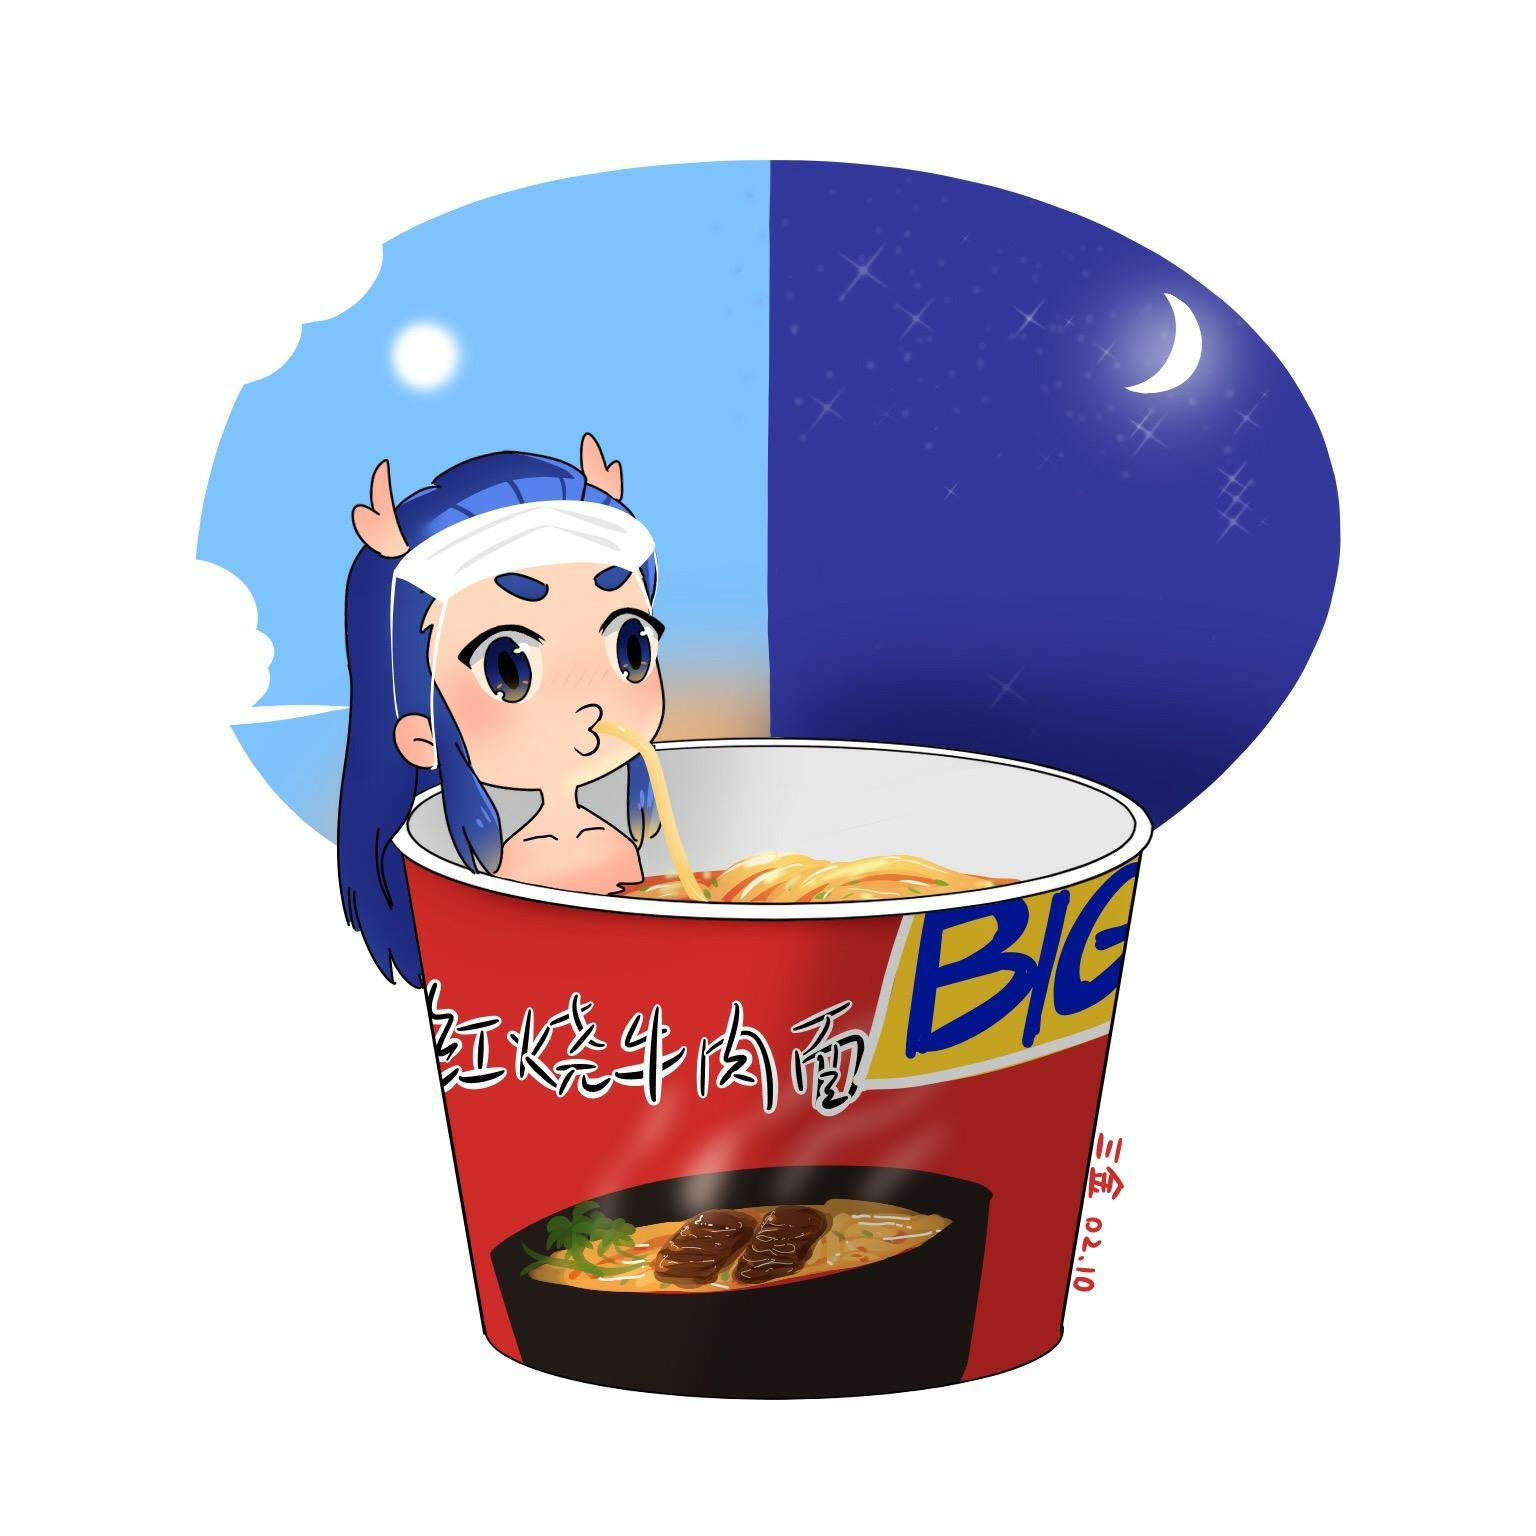 【制图组出品】【三金】家里口粮要吃没啦!